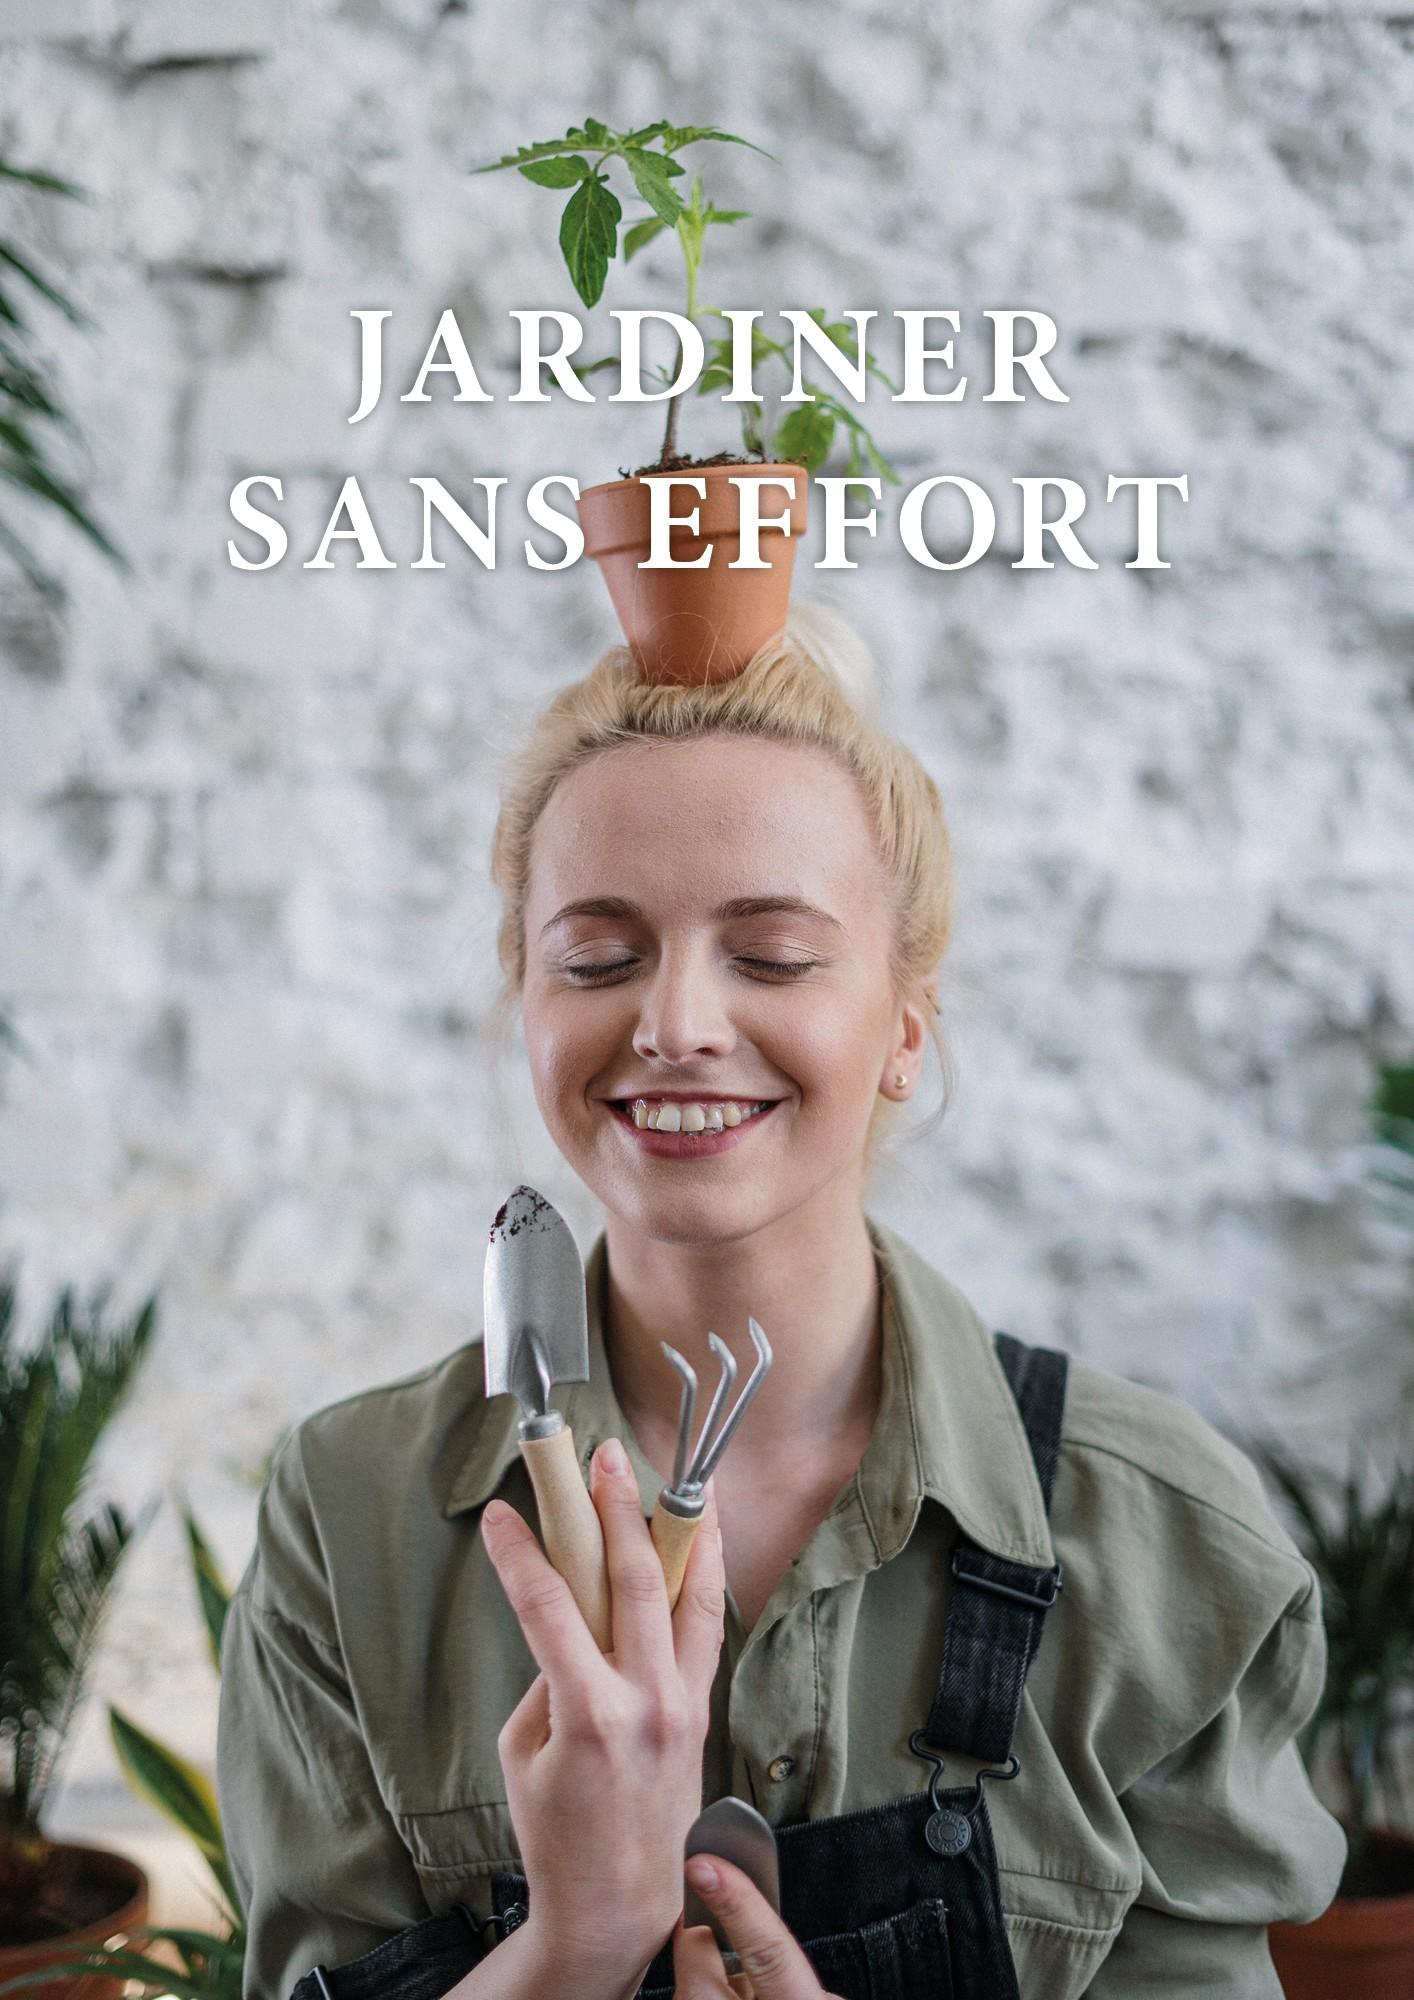 Jardiner sans effort